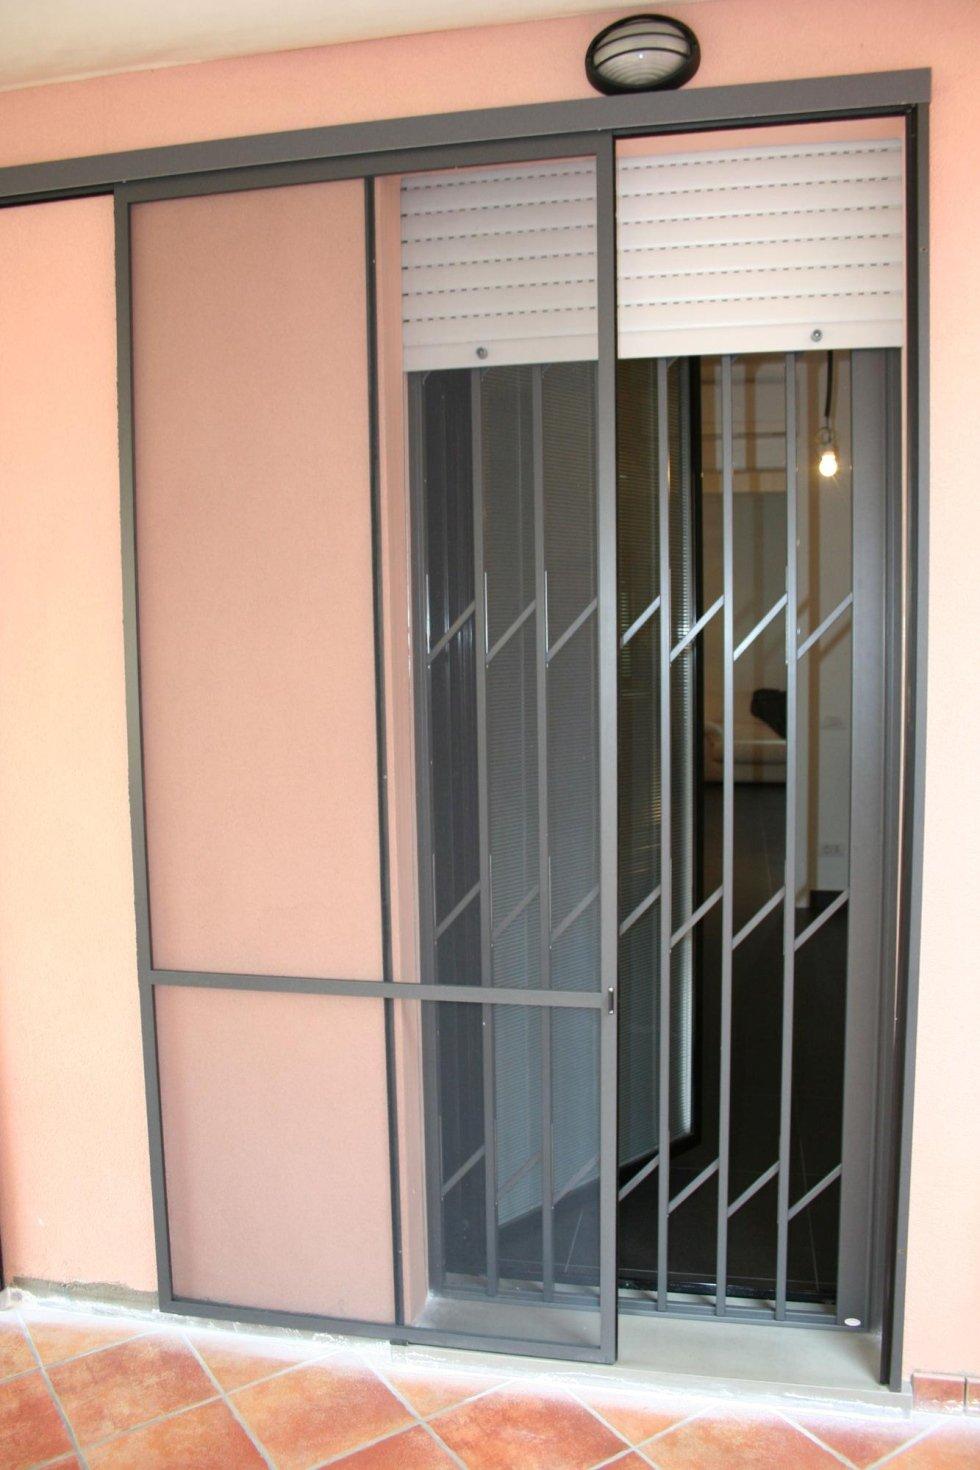 Zanzariere san lazzaro di savena bologna infistyle - Amazon zanzariere per finestre ...